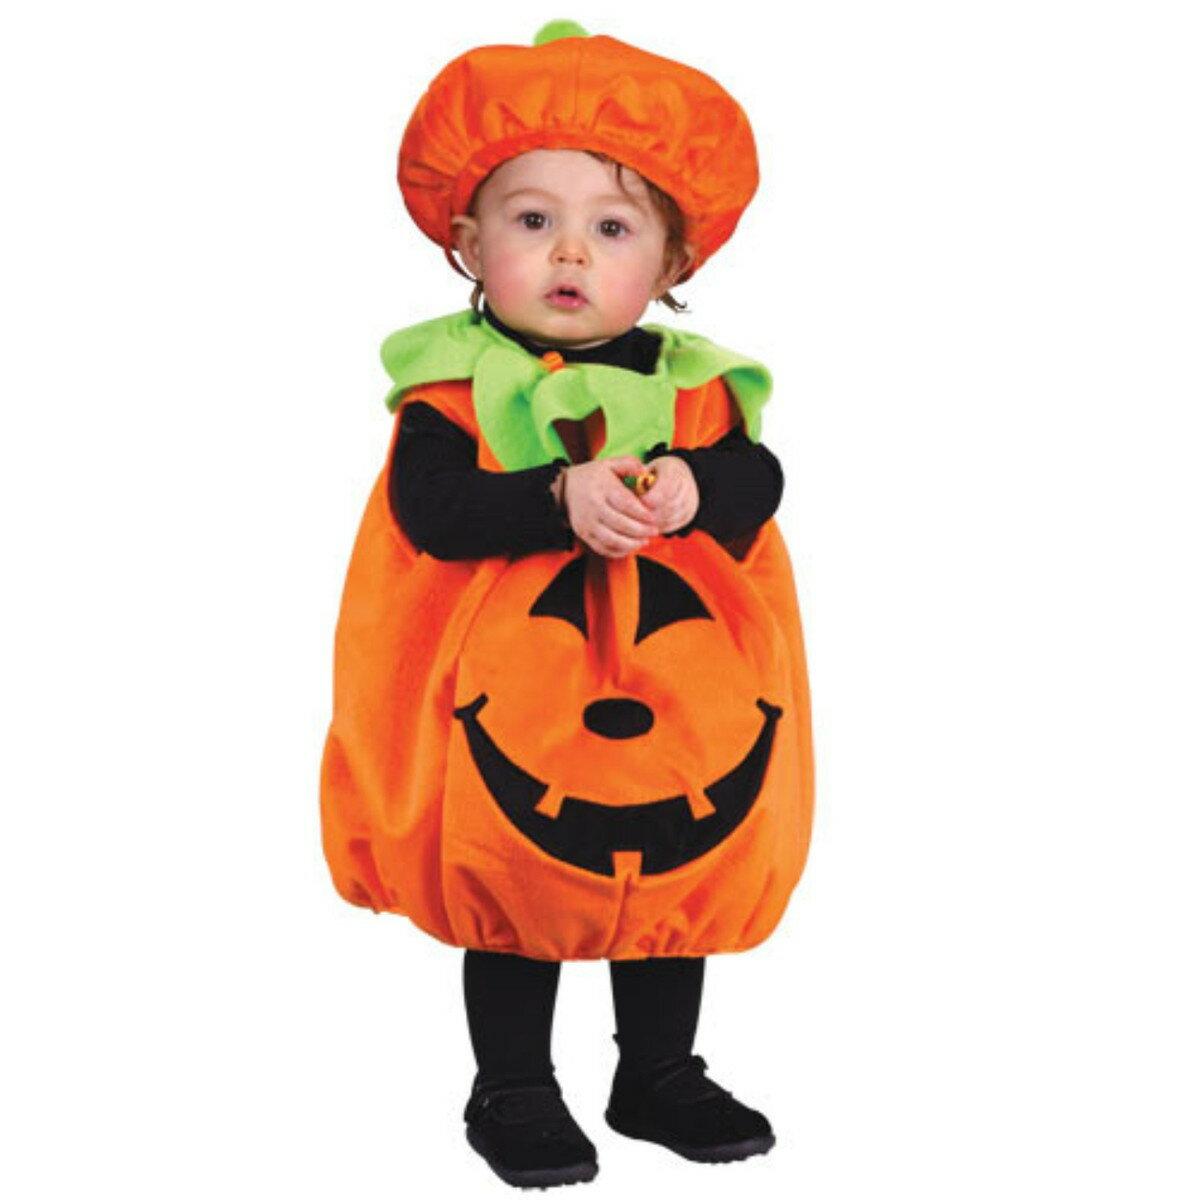 ハロウィン 衣装 ベビー かぼちゃ 赤ちゃん 着ぐるみ パンプキンコスチューム あす楽